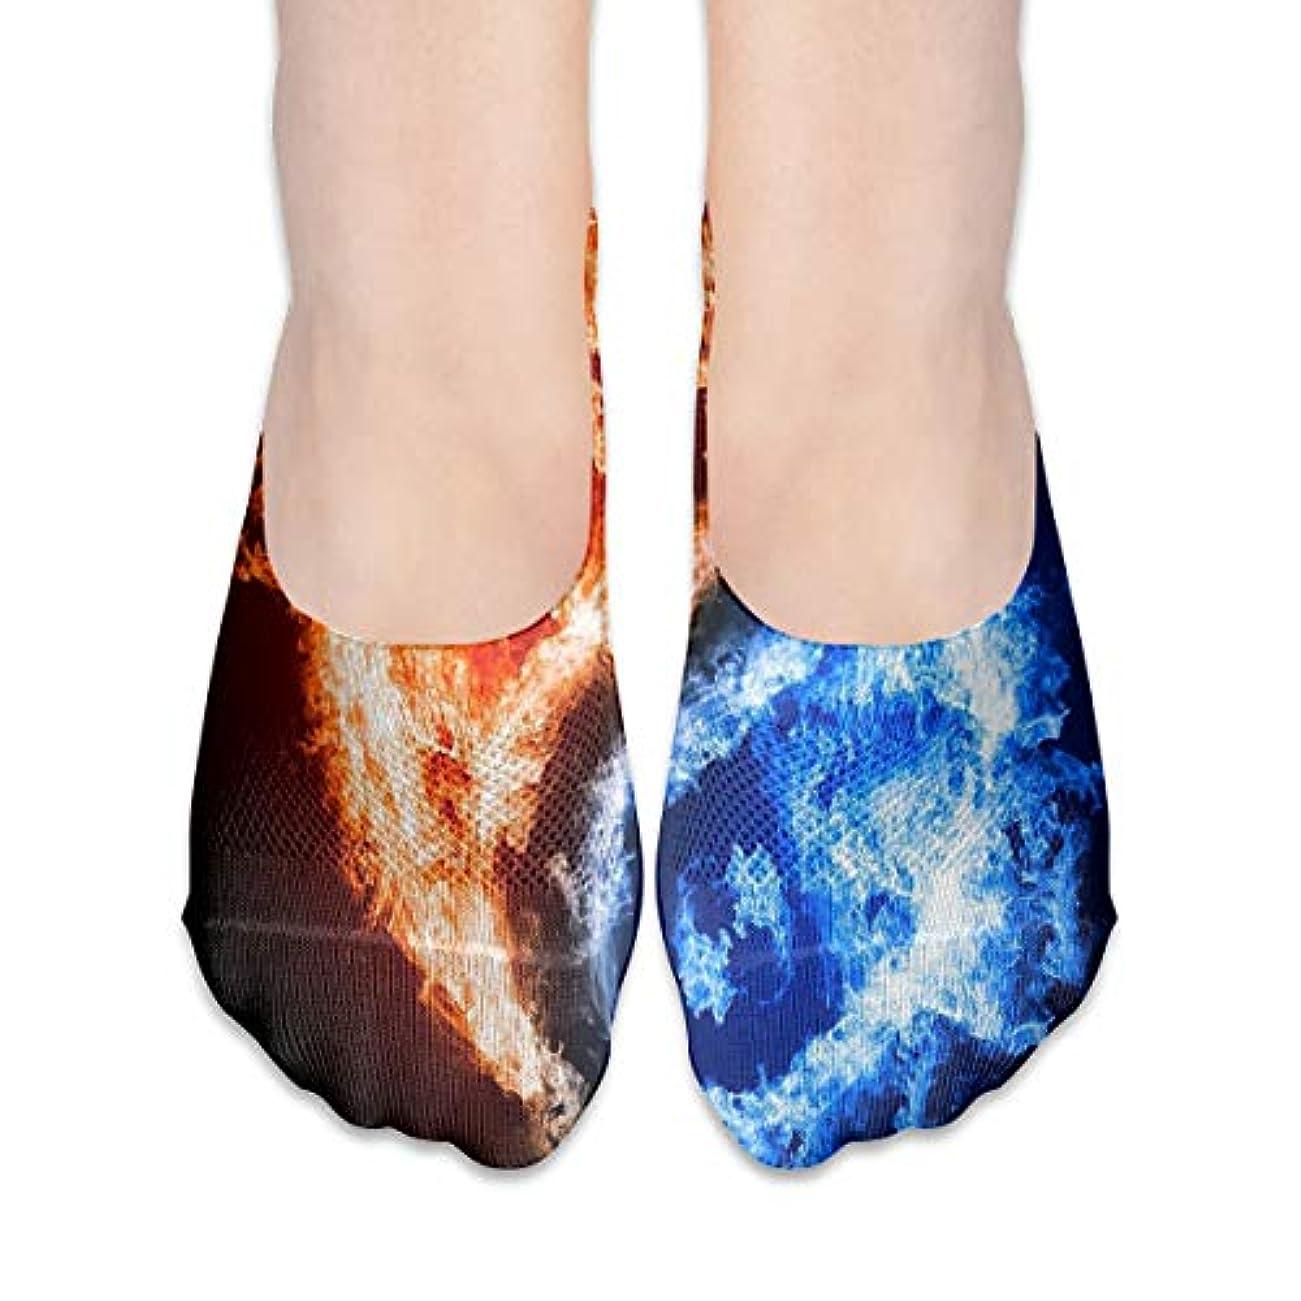 補足かなり複合女性のためのショーの靴下はローカットカジュアルソックス滑り止めの氷と火Yinyangをカットしません